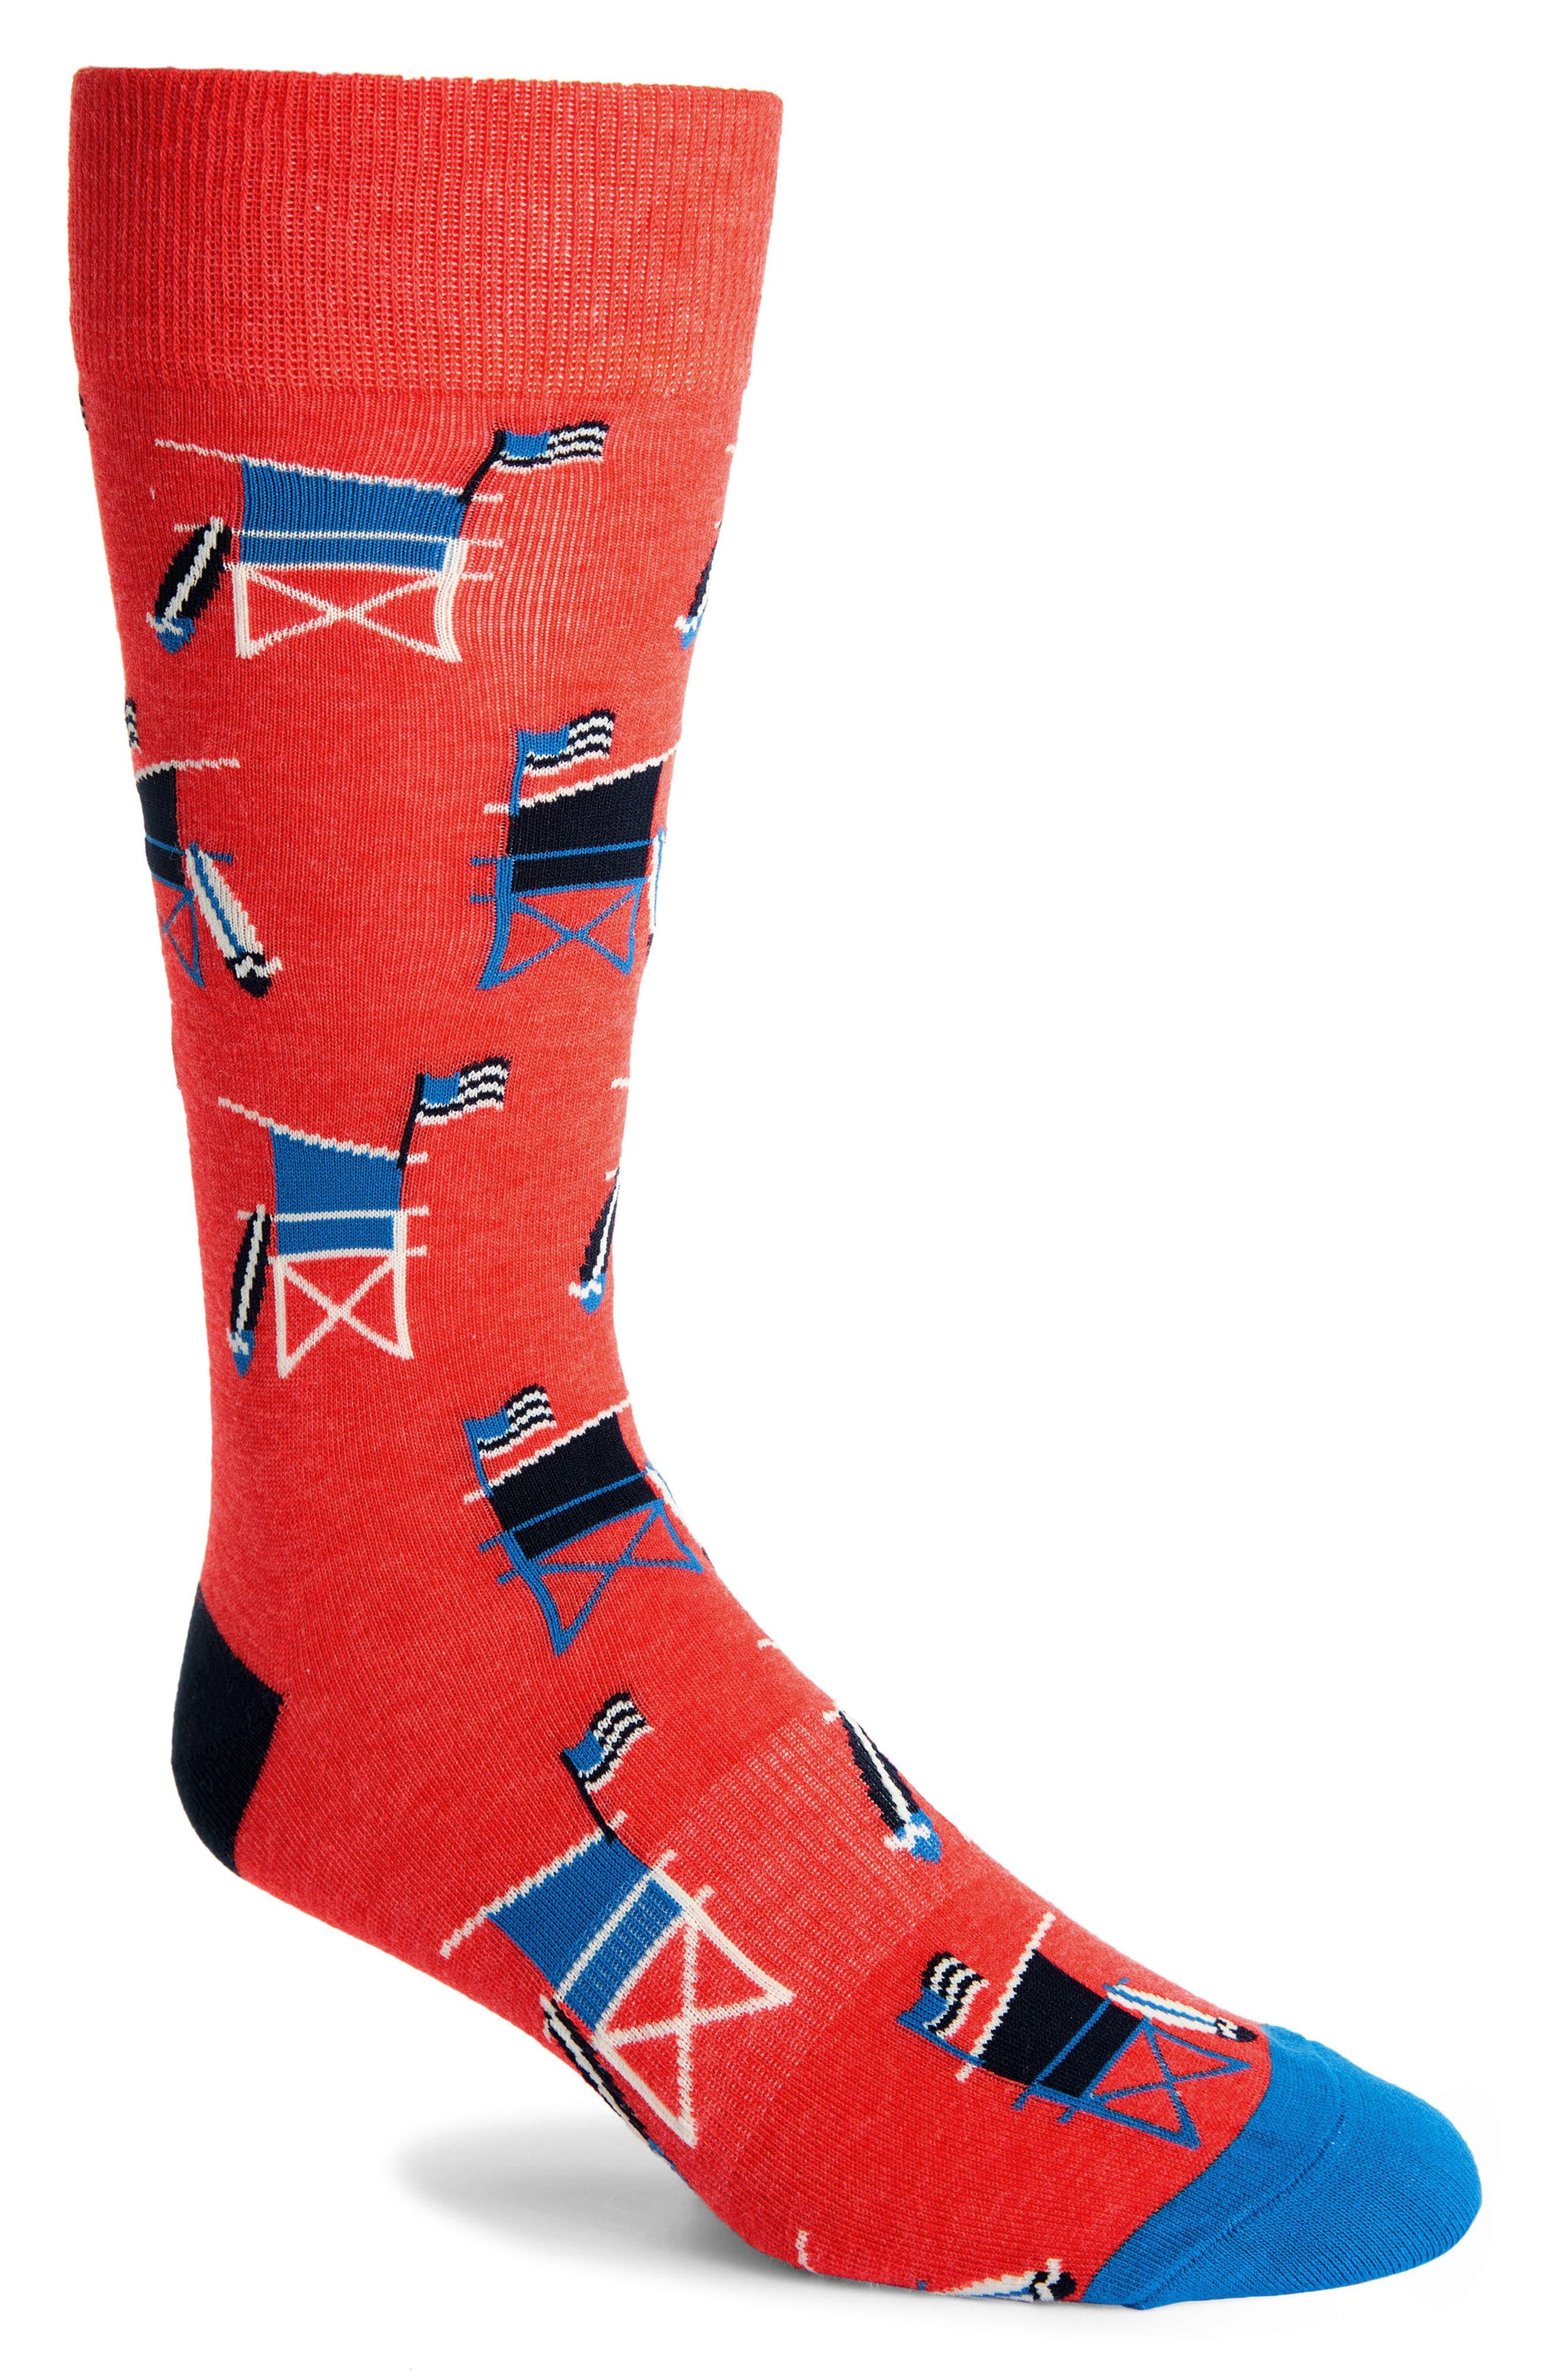 Men's Fun Socks Lifeguard Socks